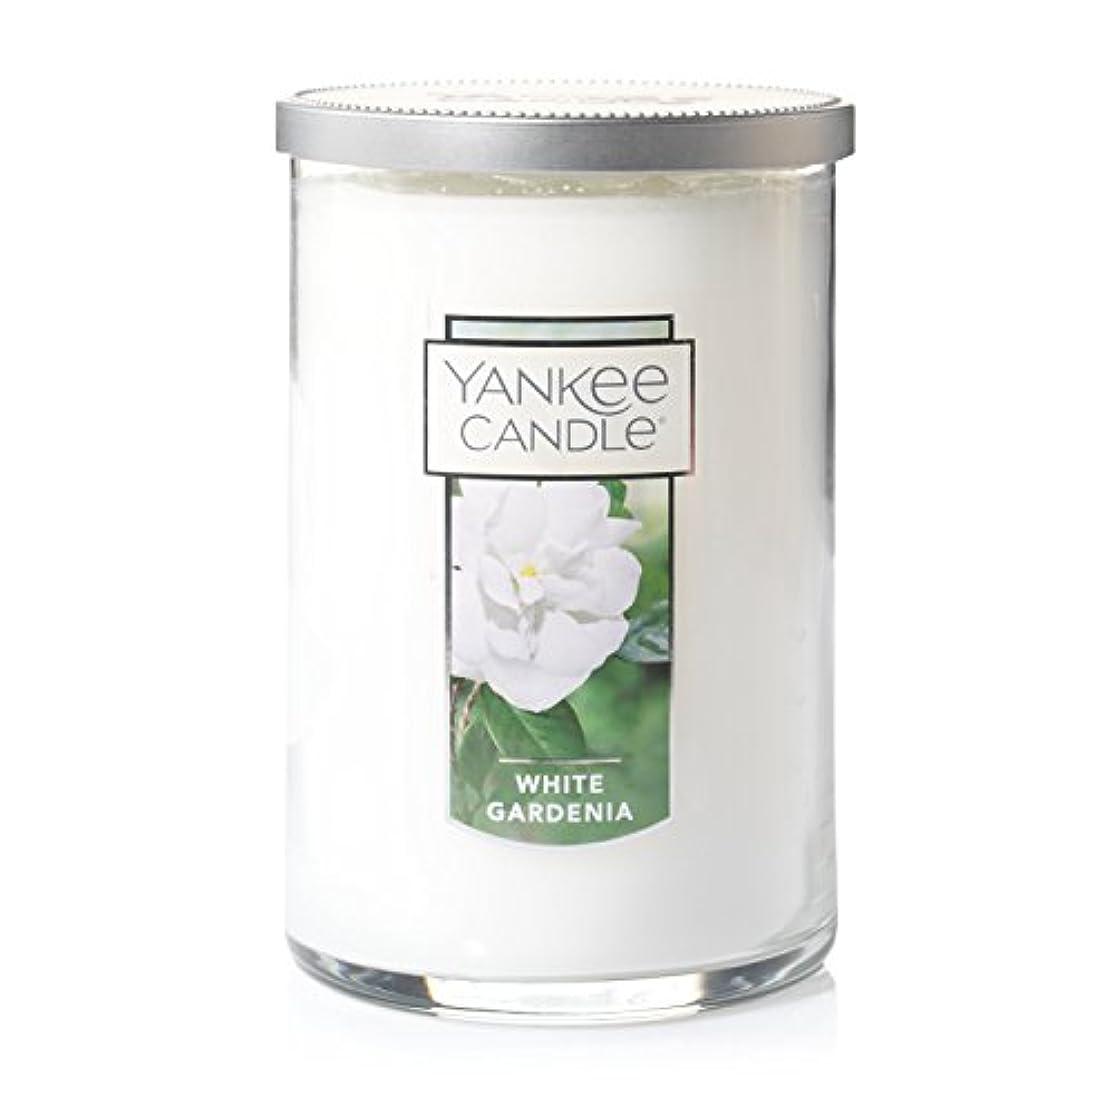 不良品輸血ボランティアYankee Candle White Gardenia、花柄香り Large 2-Wick Tumbler Candle 1230627